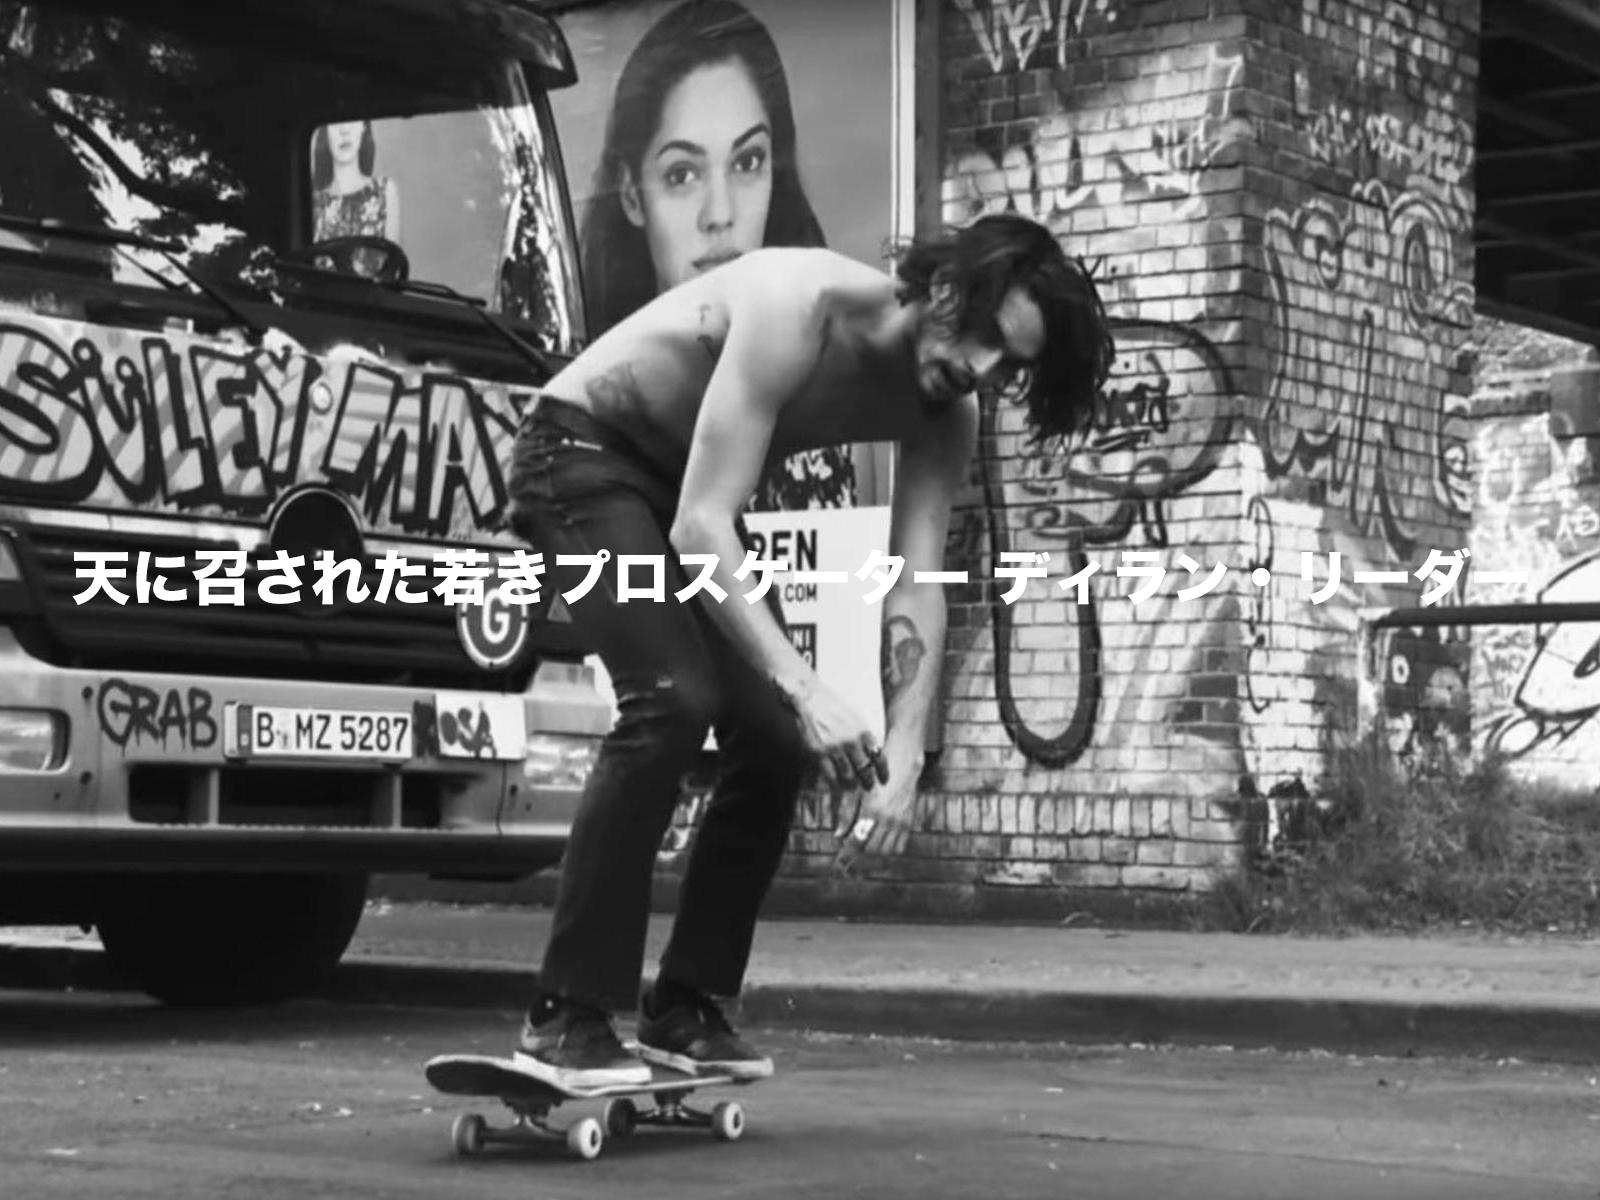 天に召された若きプロスケーター ディラン・リーダー